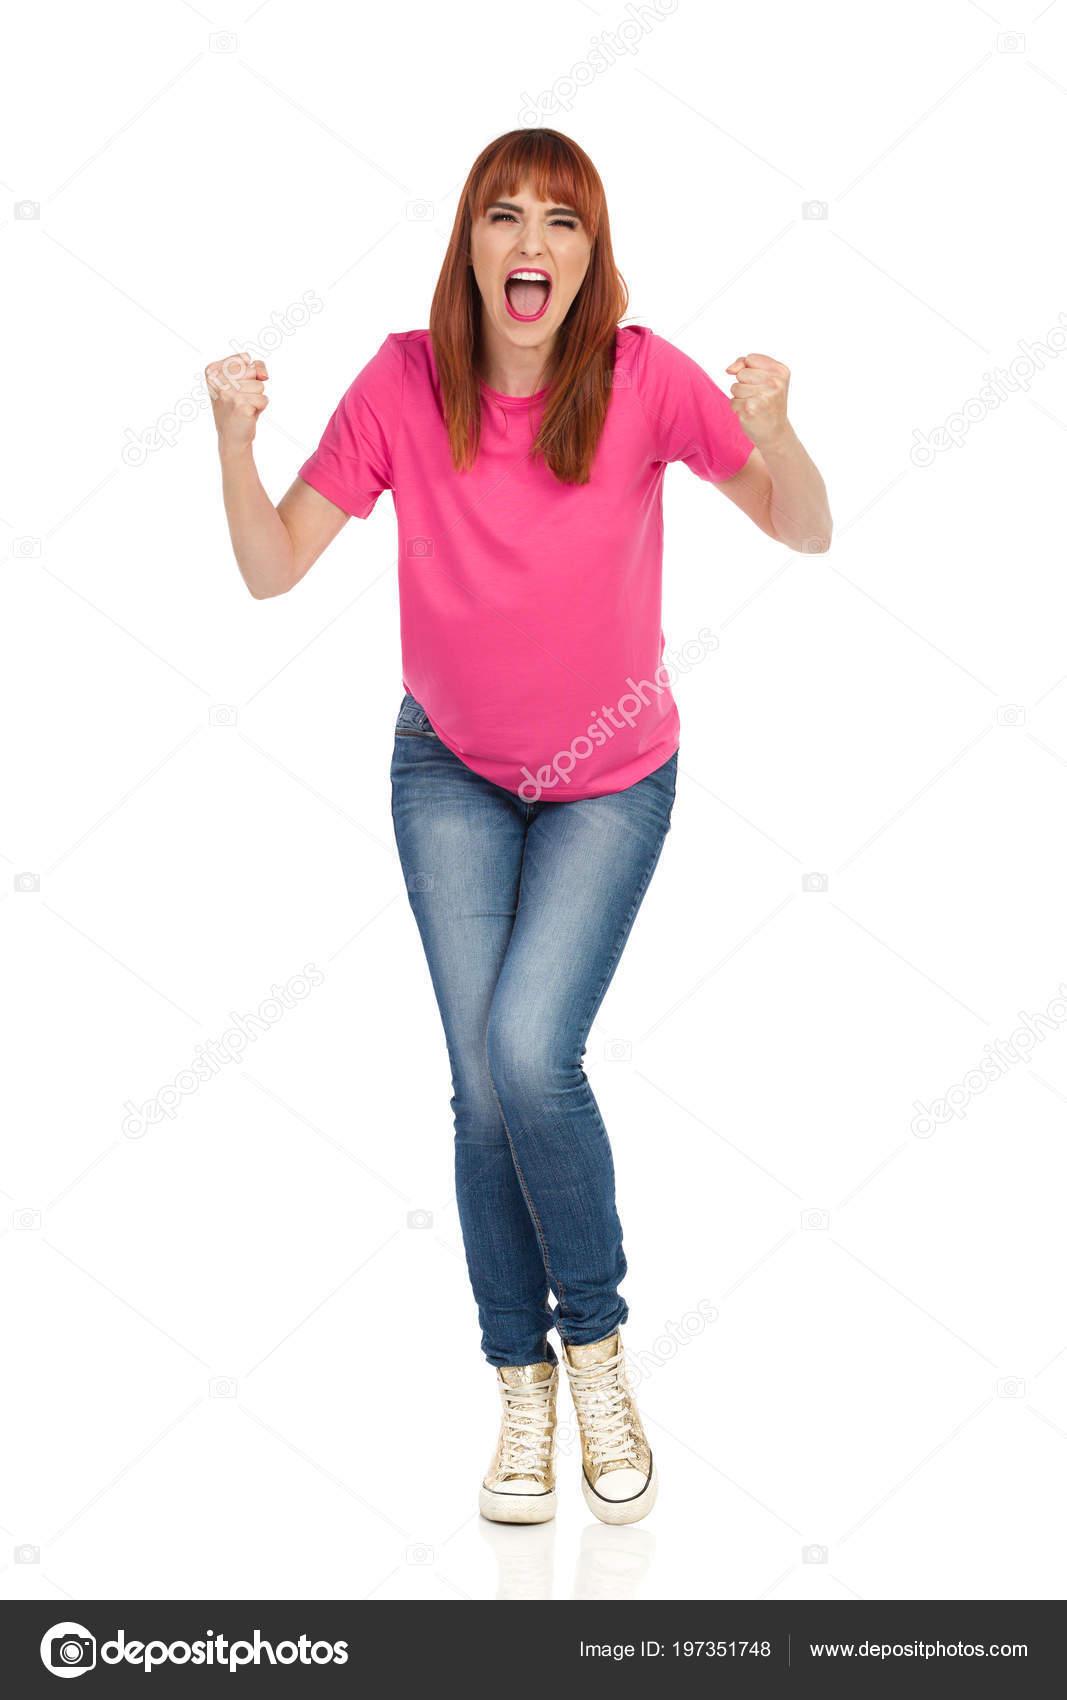 b955a9119fbc Θυμωμένος Νεαρή Γυναίκα Ροζ Μπλουζάκι Τζιν Και Χρυσό Πάνινα Παπούτσια–  εικόνα αρχείου